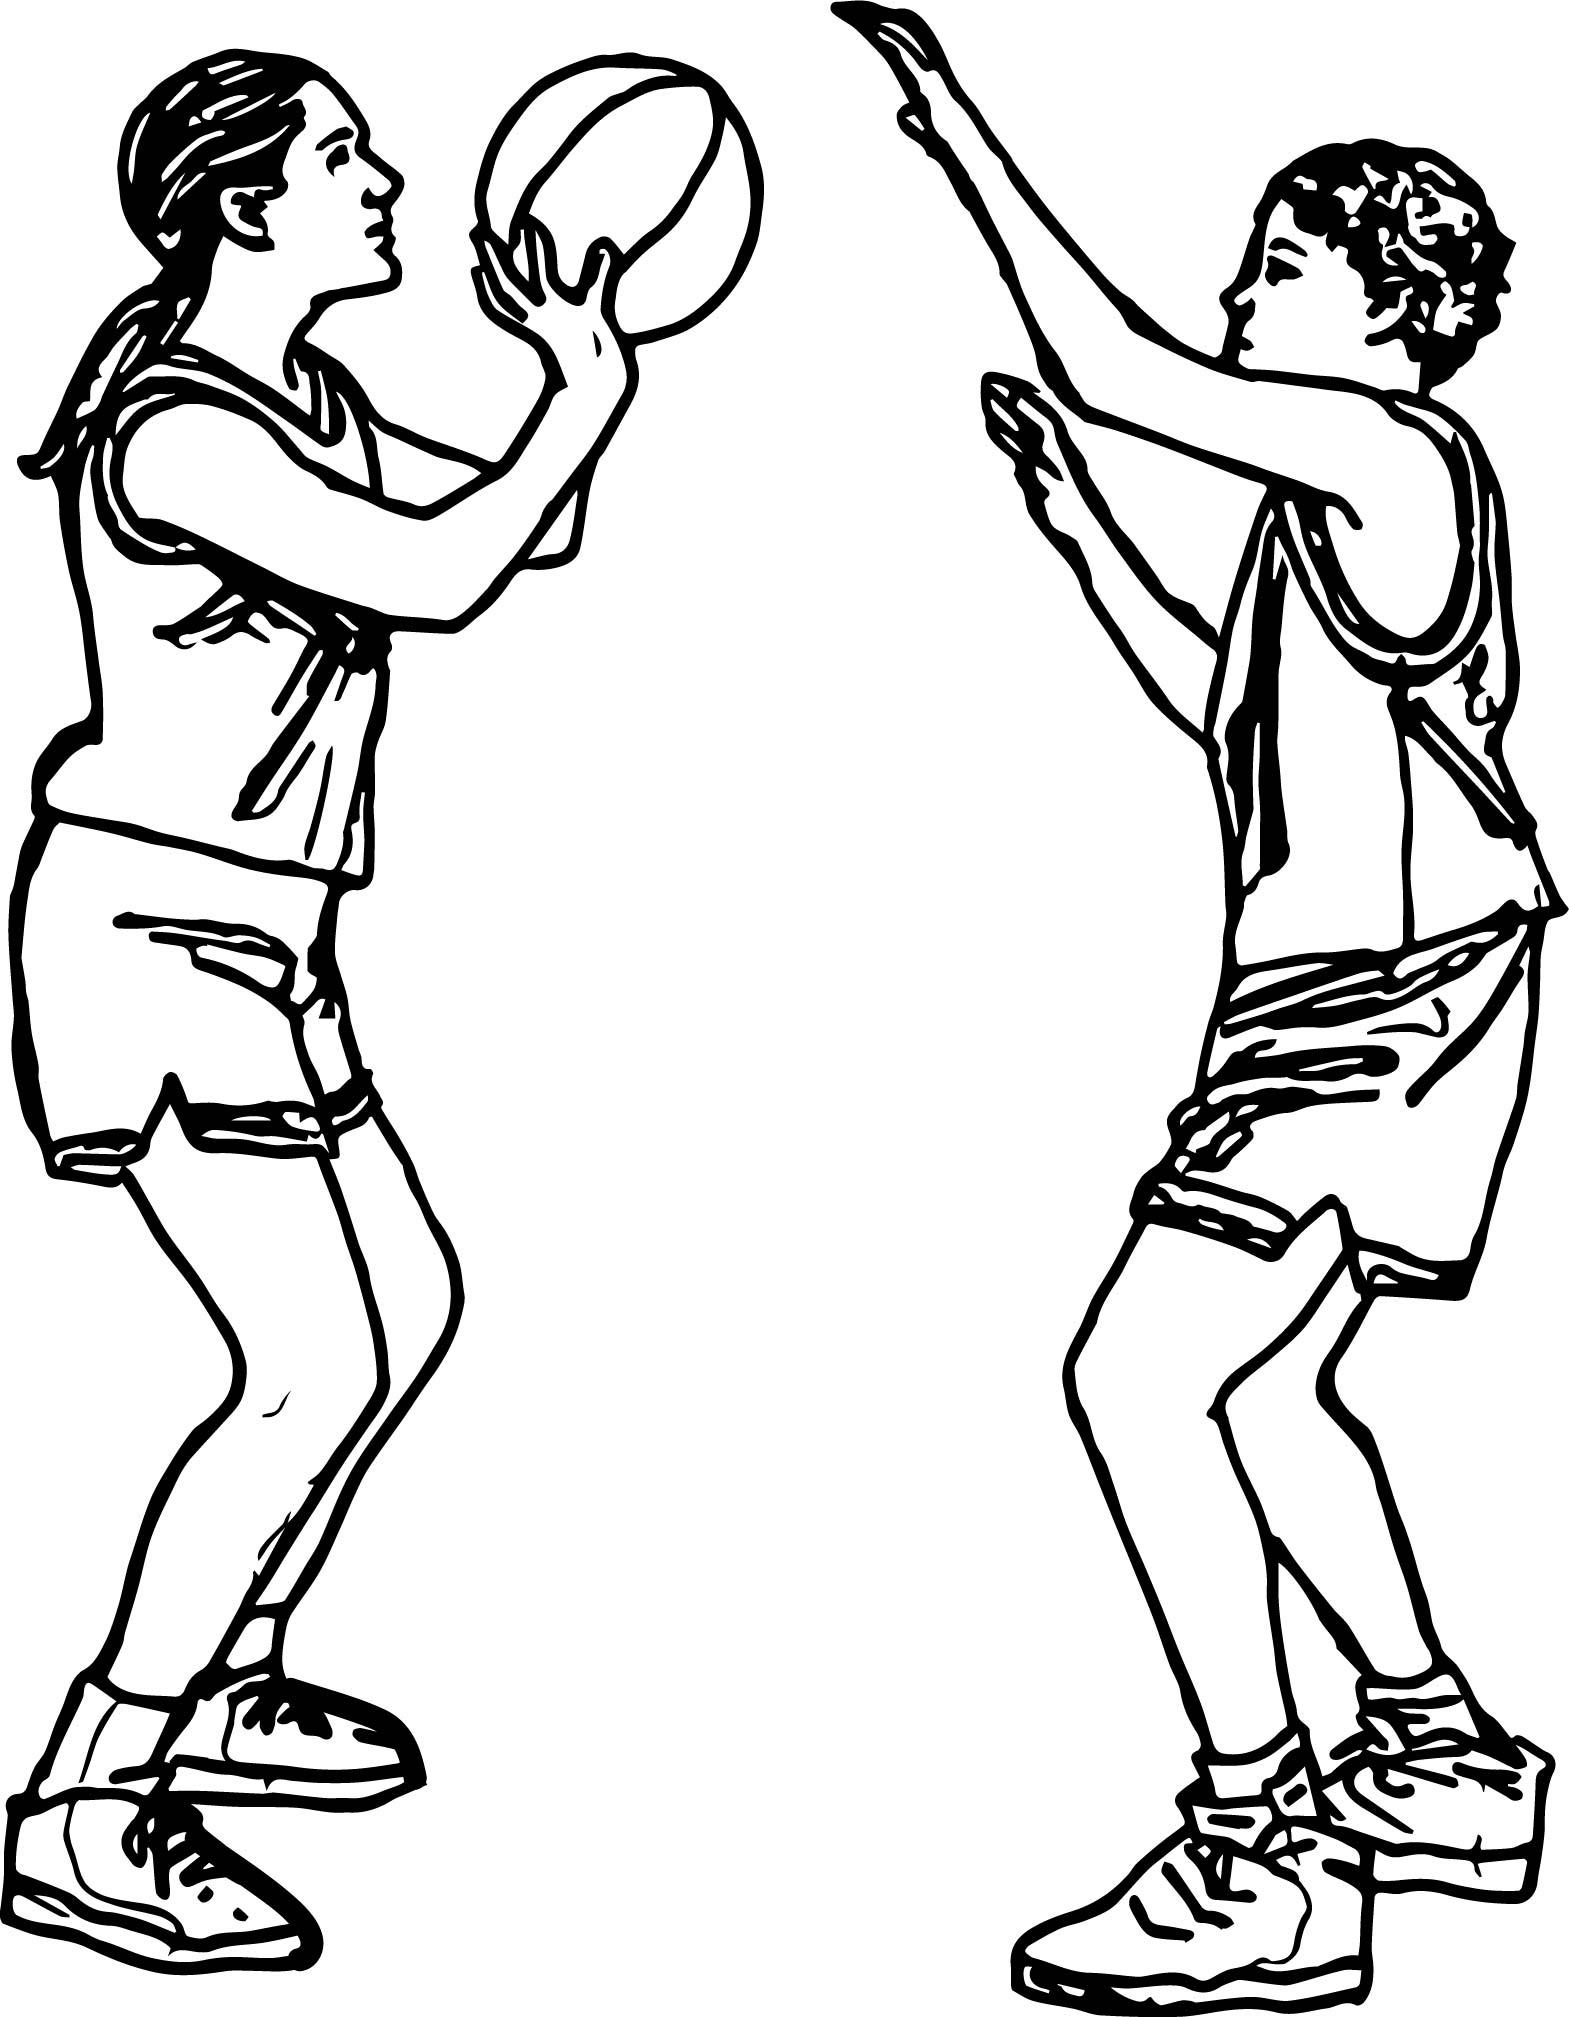 Girl Shooting Basketball Playing Basketball Coloring Page